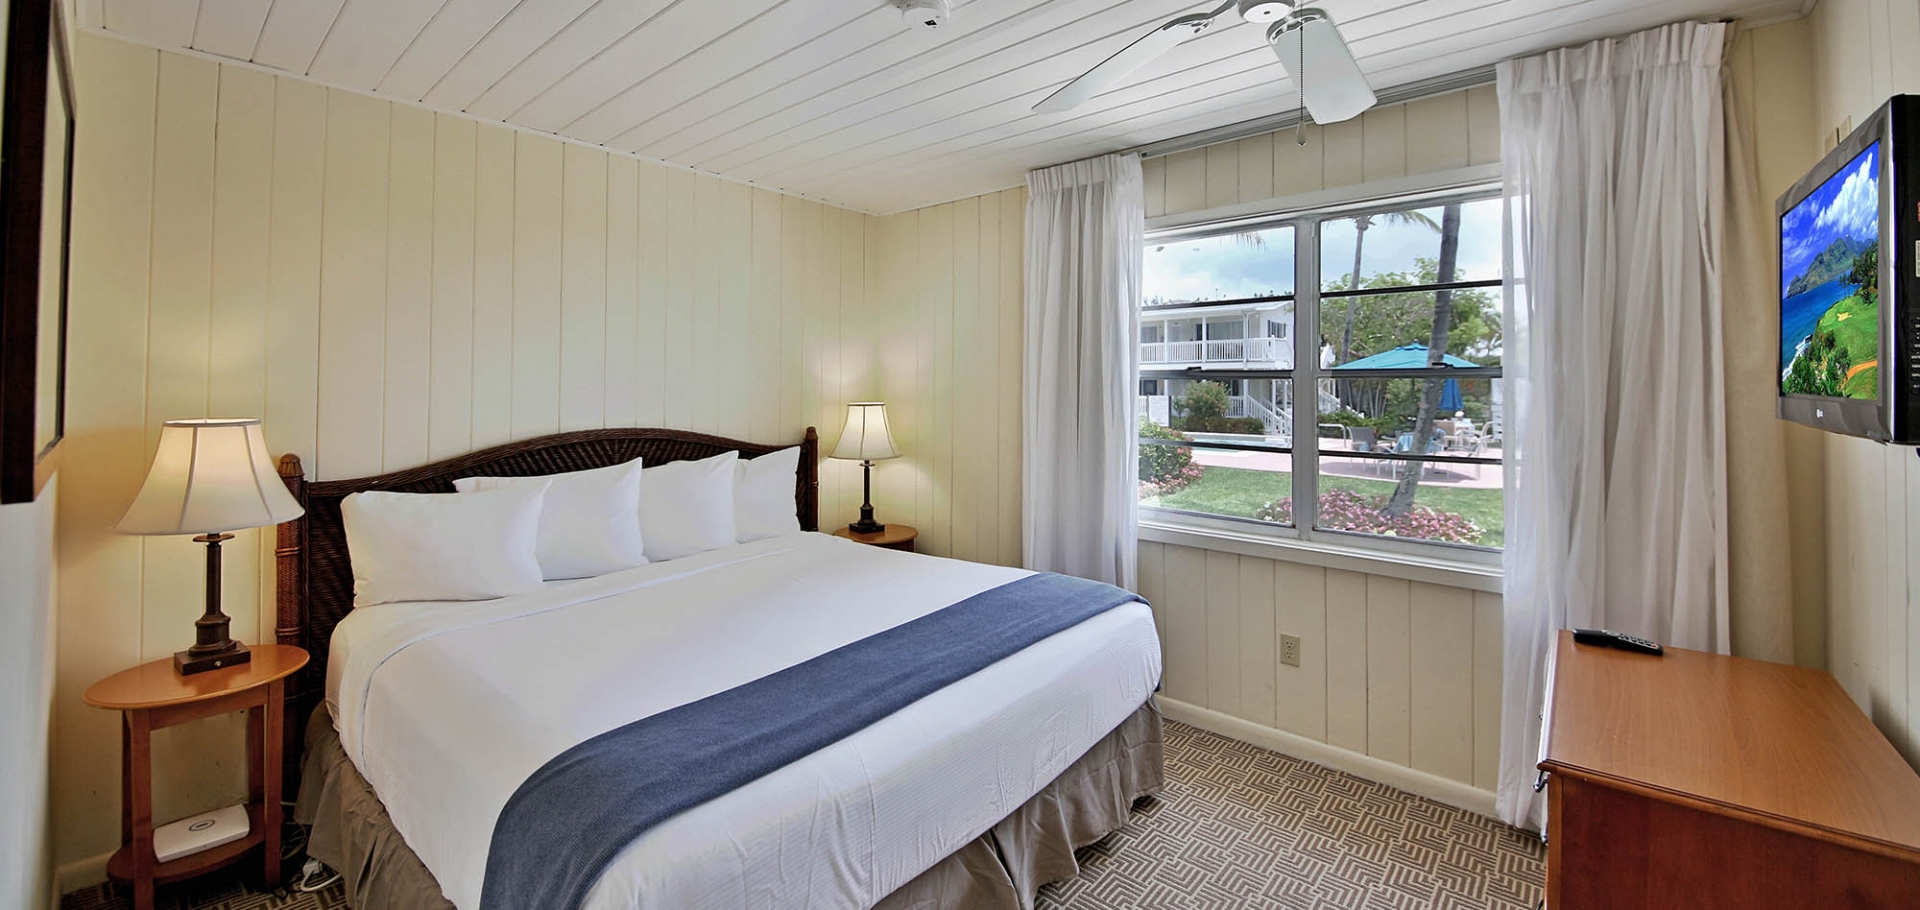 Seaside Inn, Sanibel bedroom